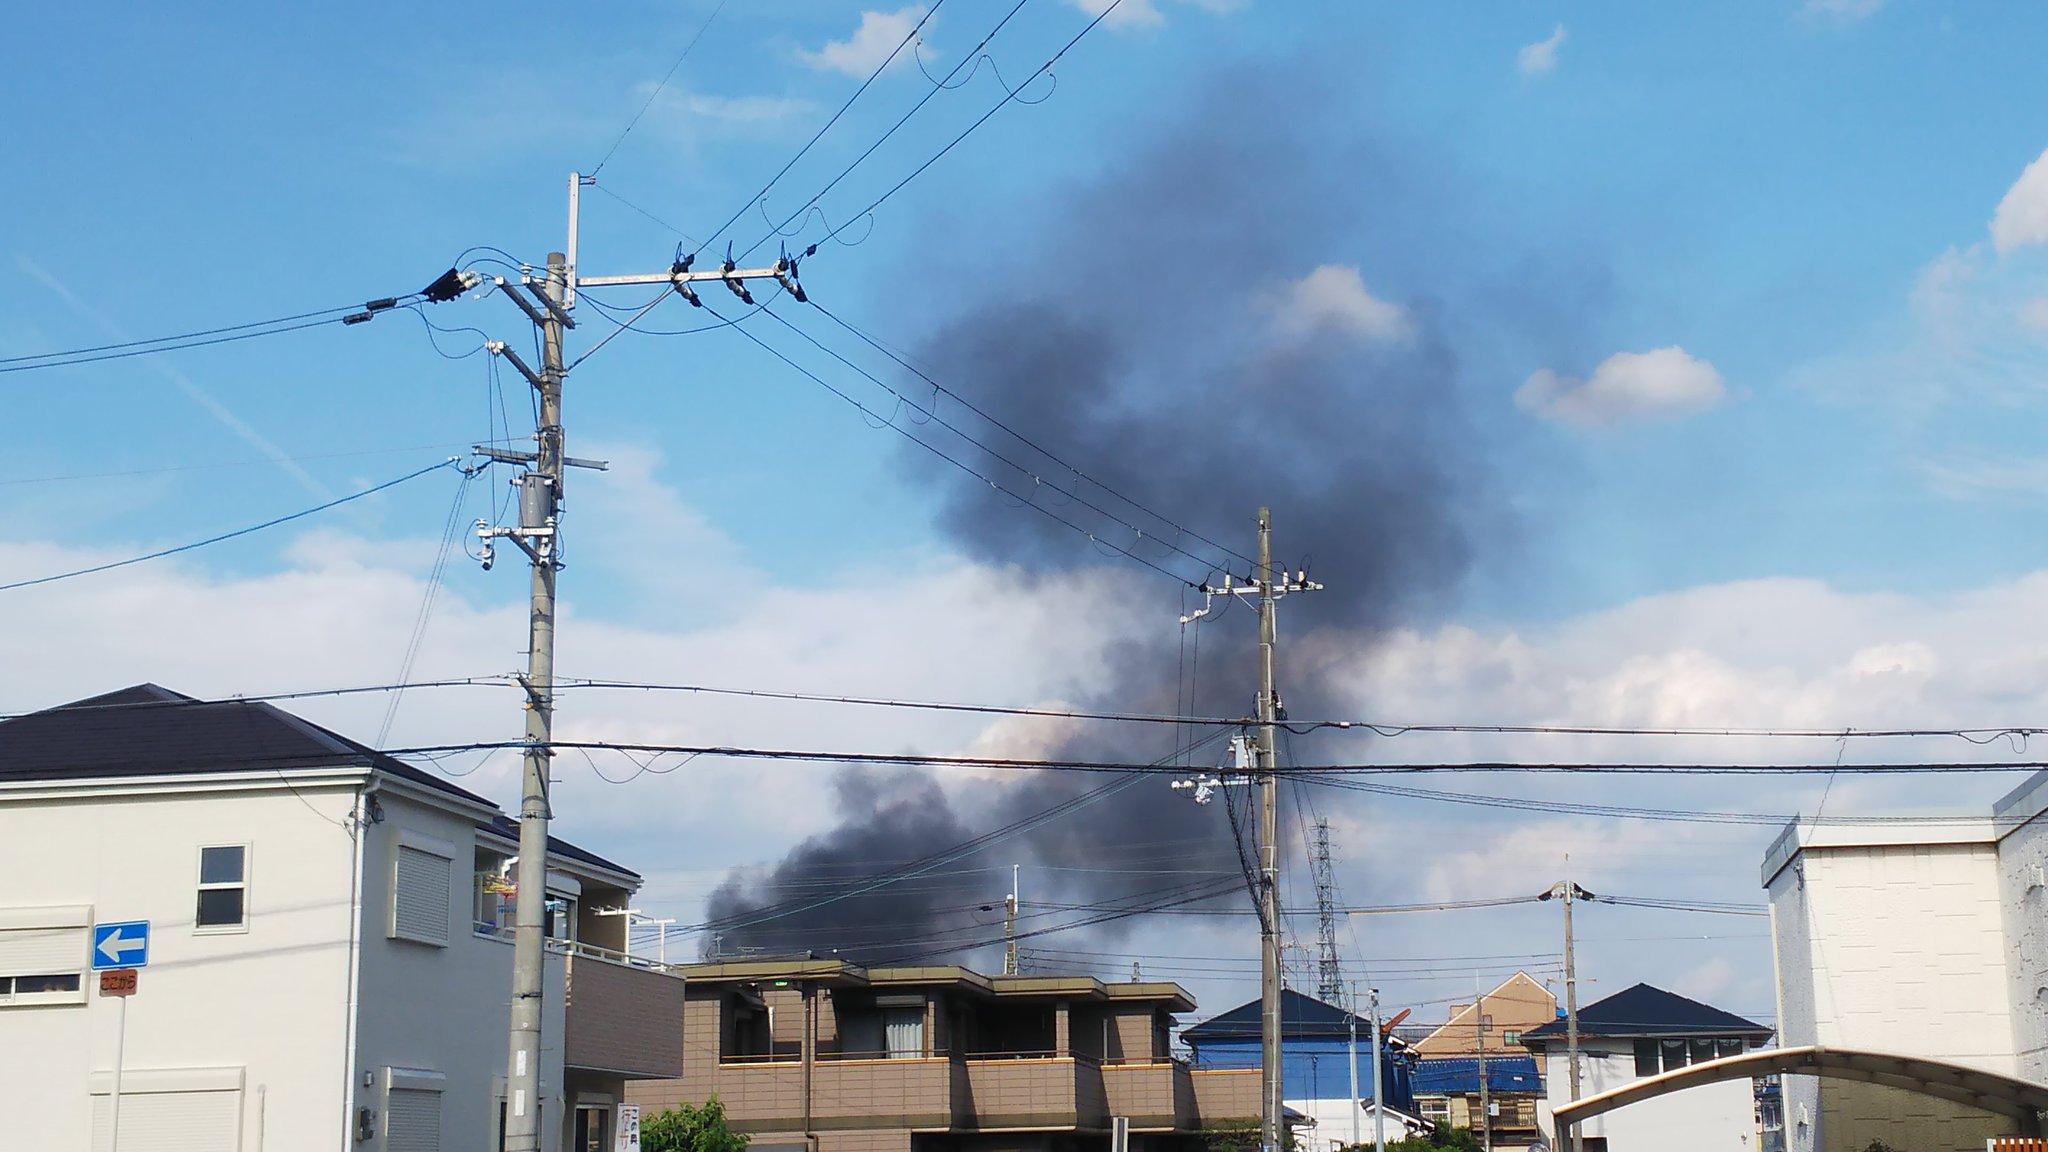 画像,火事だ!!#大阪府#茨木市#火事 https://t.co/ifHccv8pbN。